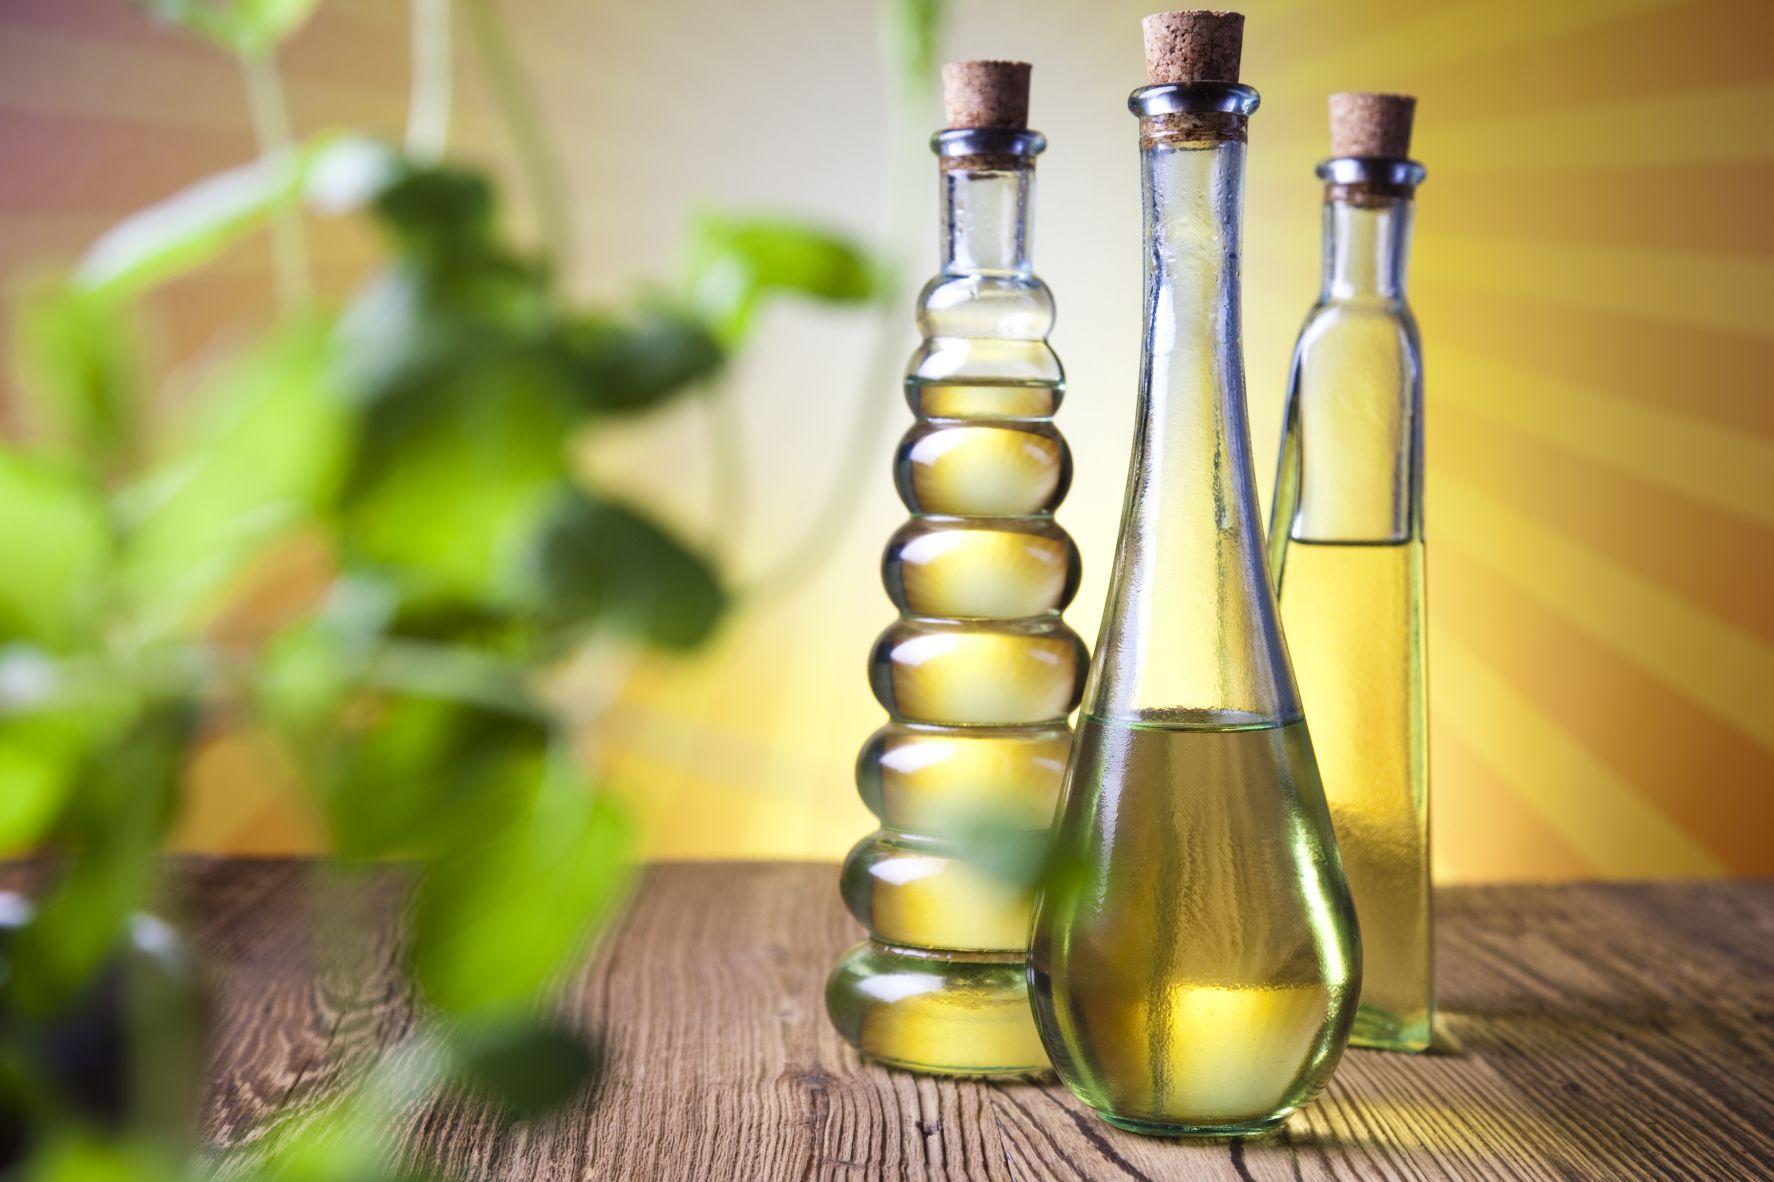 Les huiles végétales soins de beauté suite